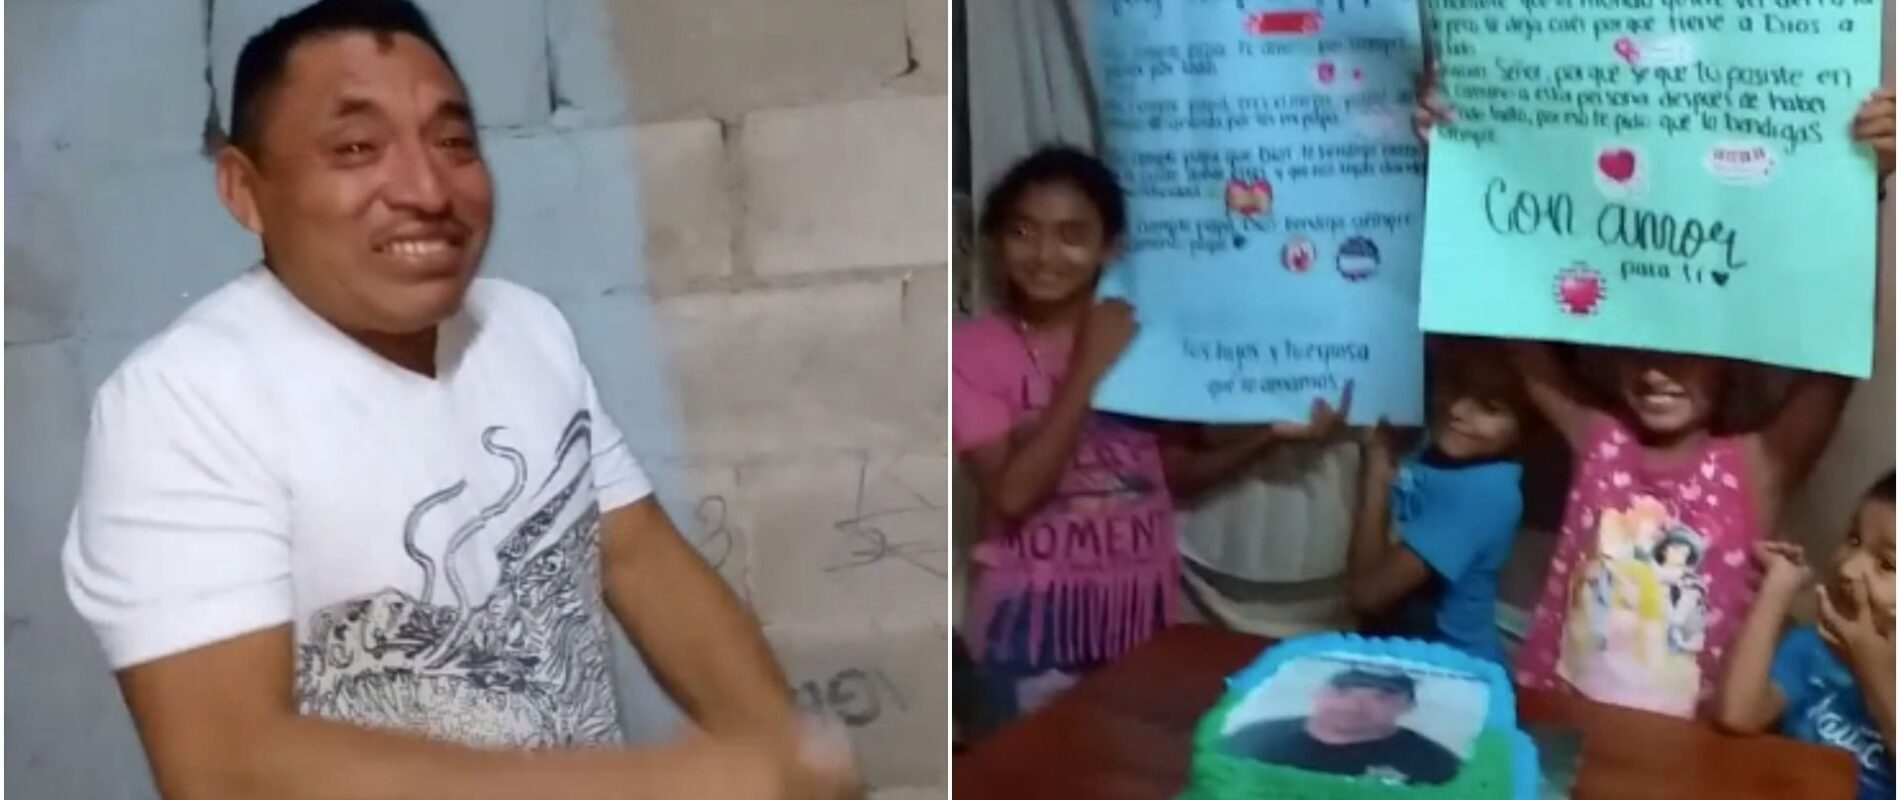 'Es el primer pastel que tengo en mi vida': hombre de bajos recursos llora en su cumpleaños